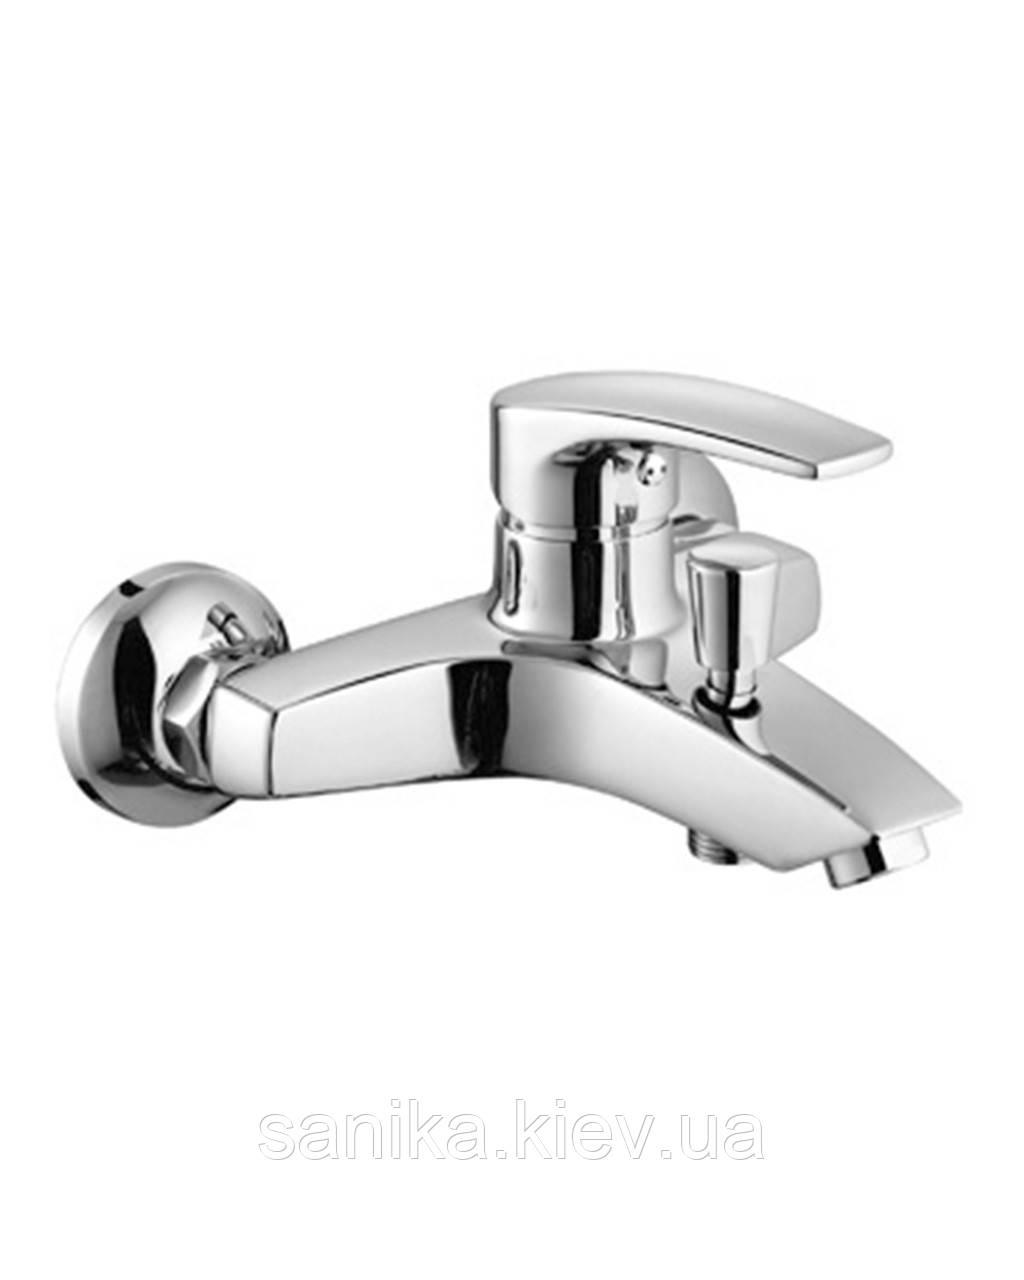 Змішувач для ванни IMPRESE JESENIK, хром, 35 мм